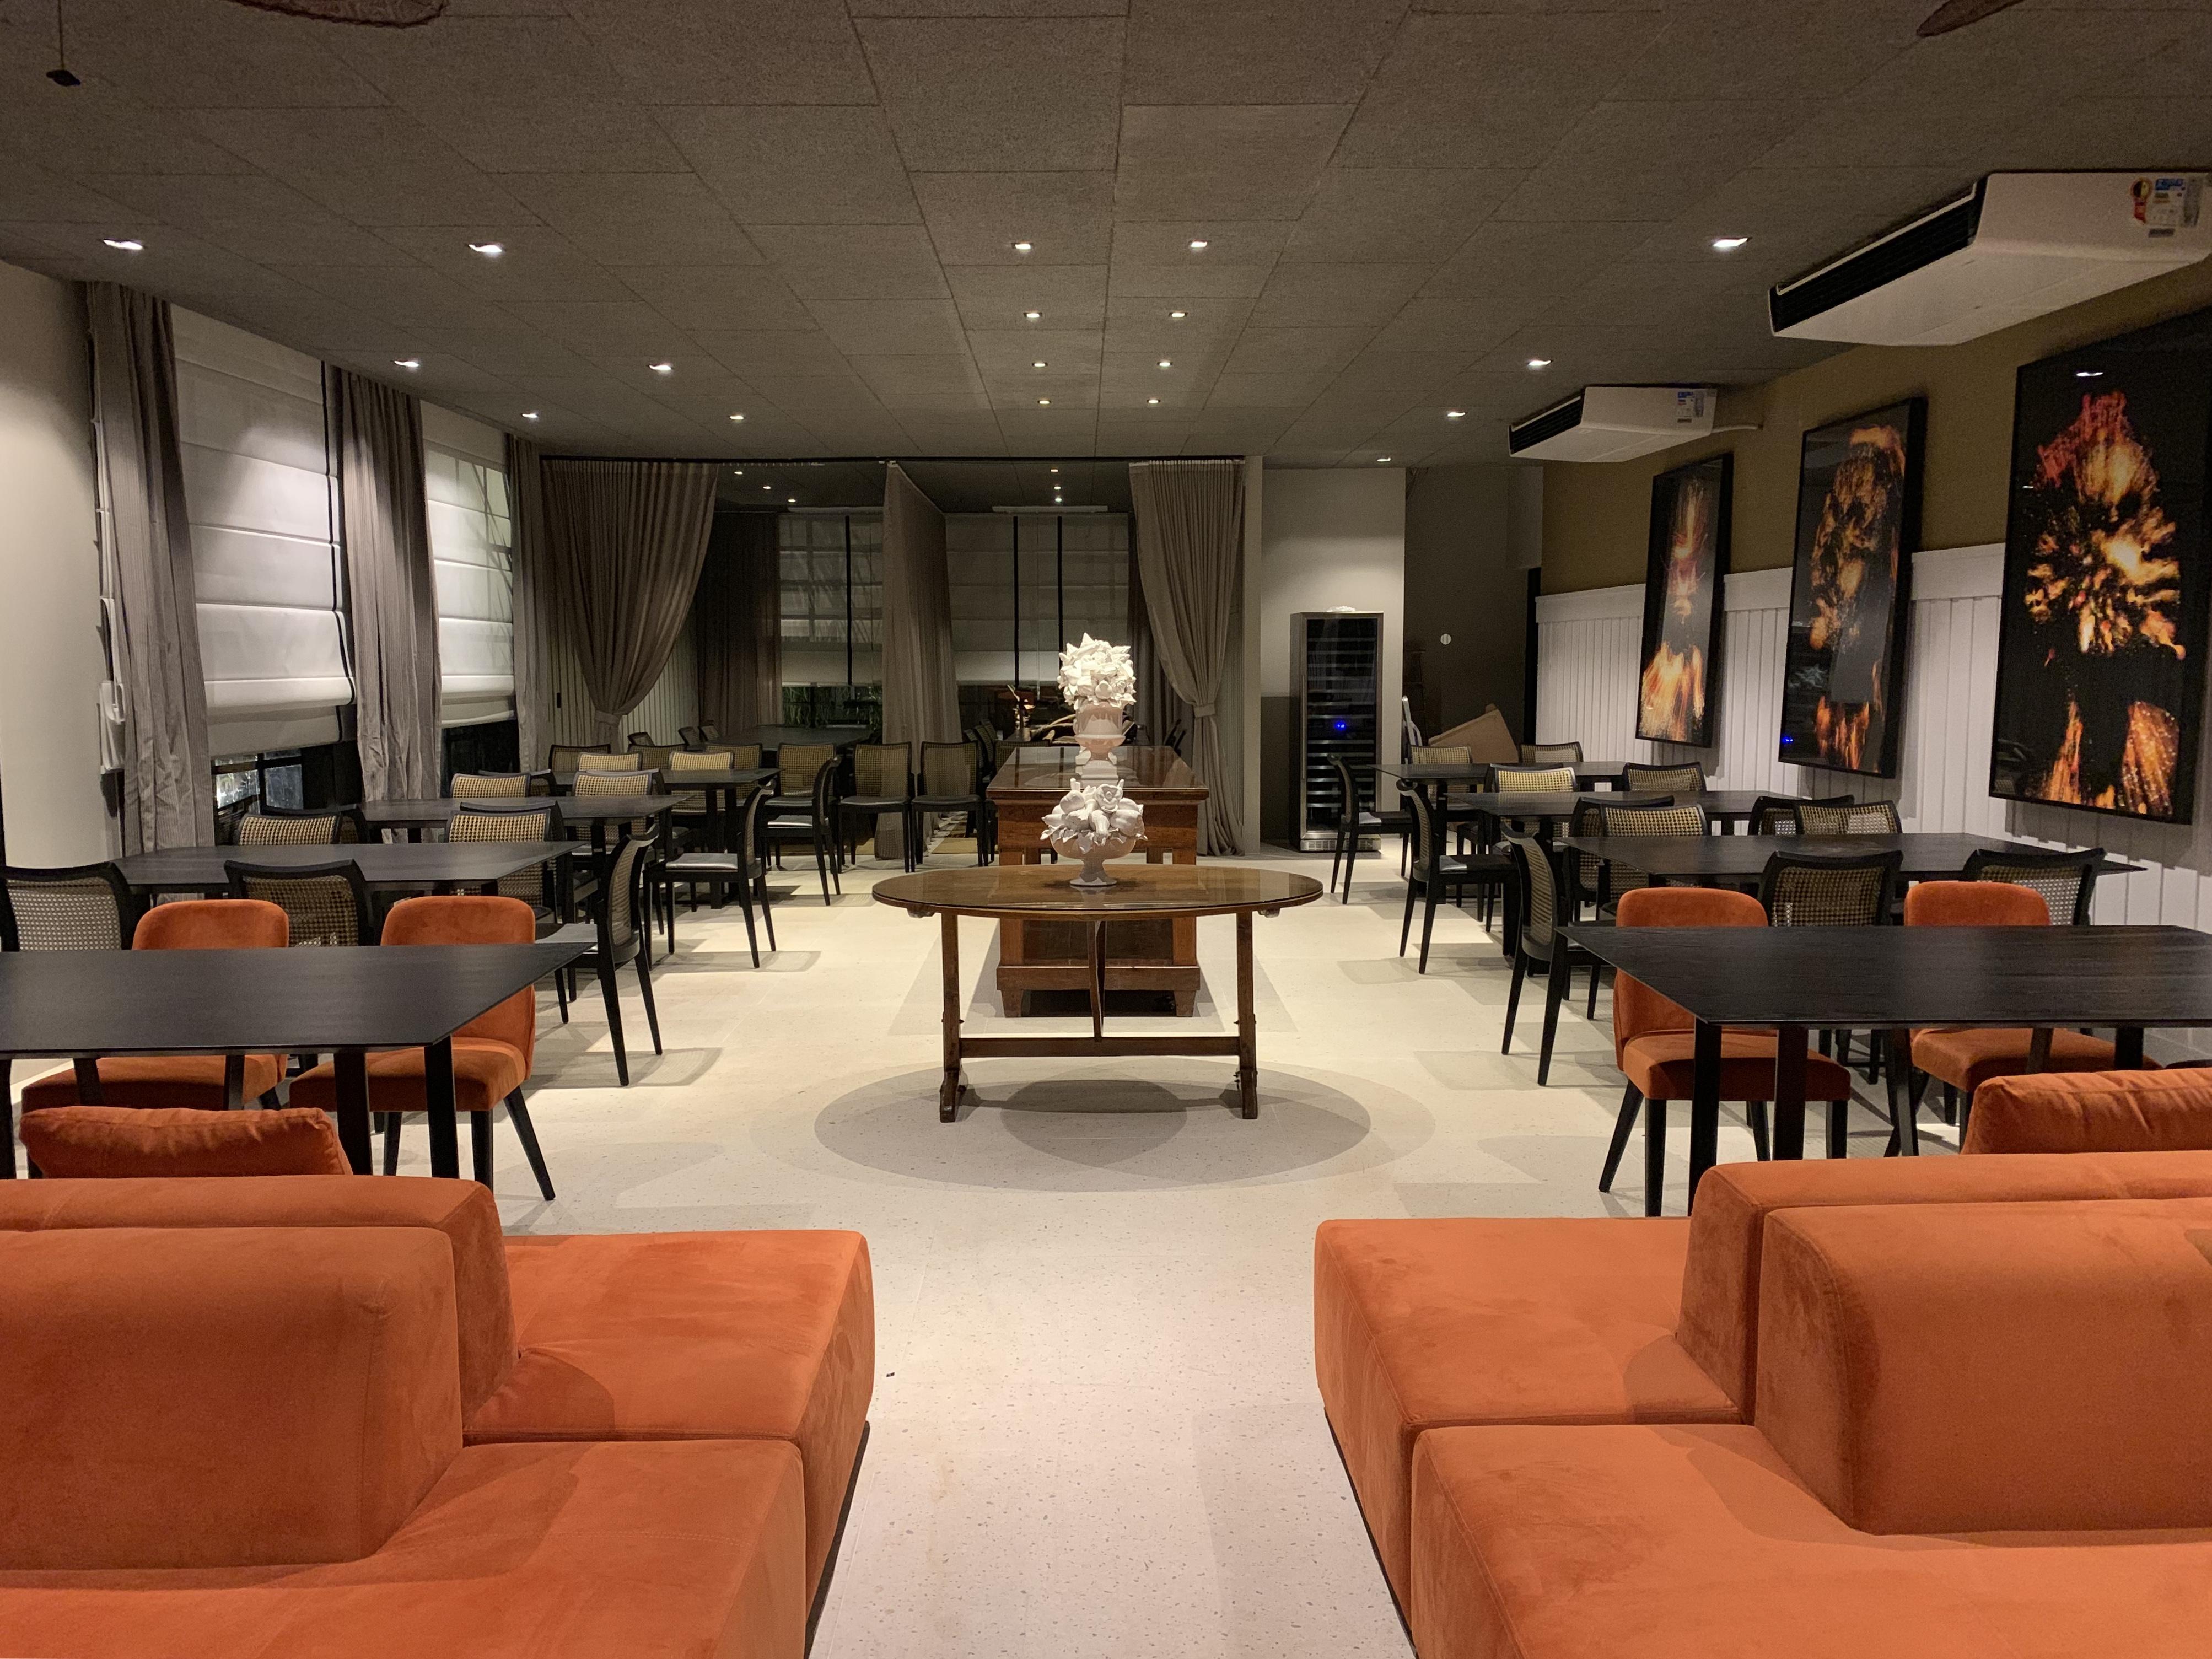 Living do Restaurante by Gustavo Paschoalim. CASACOR SP 2019. BADEBEC. Lounge do restaurante, este espaço tem preto e branco como suas principais cores, sofá de sarja e mobiliário garimpado.